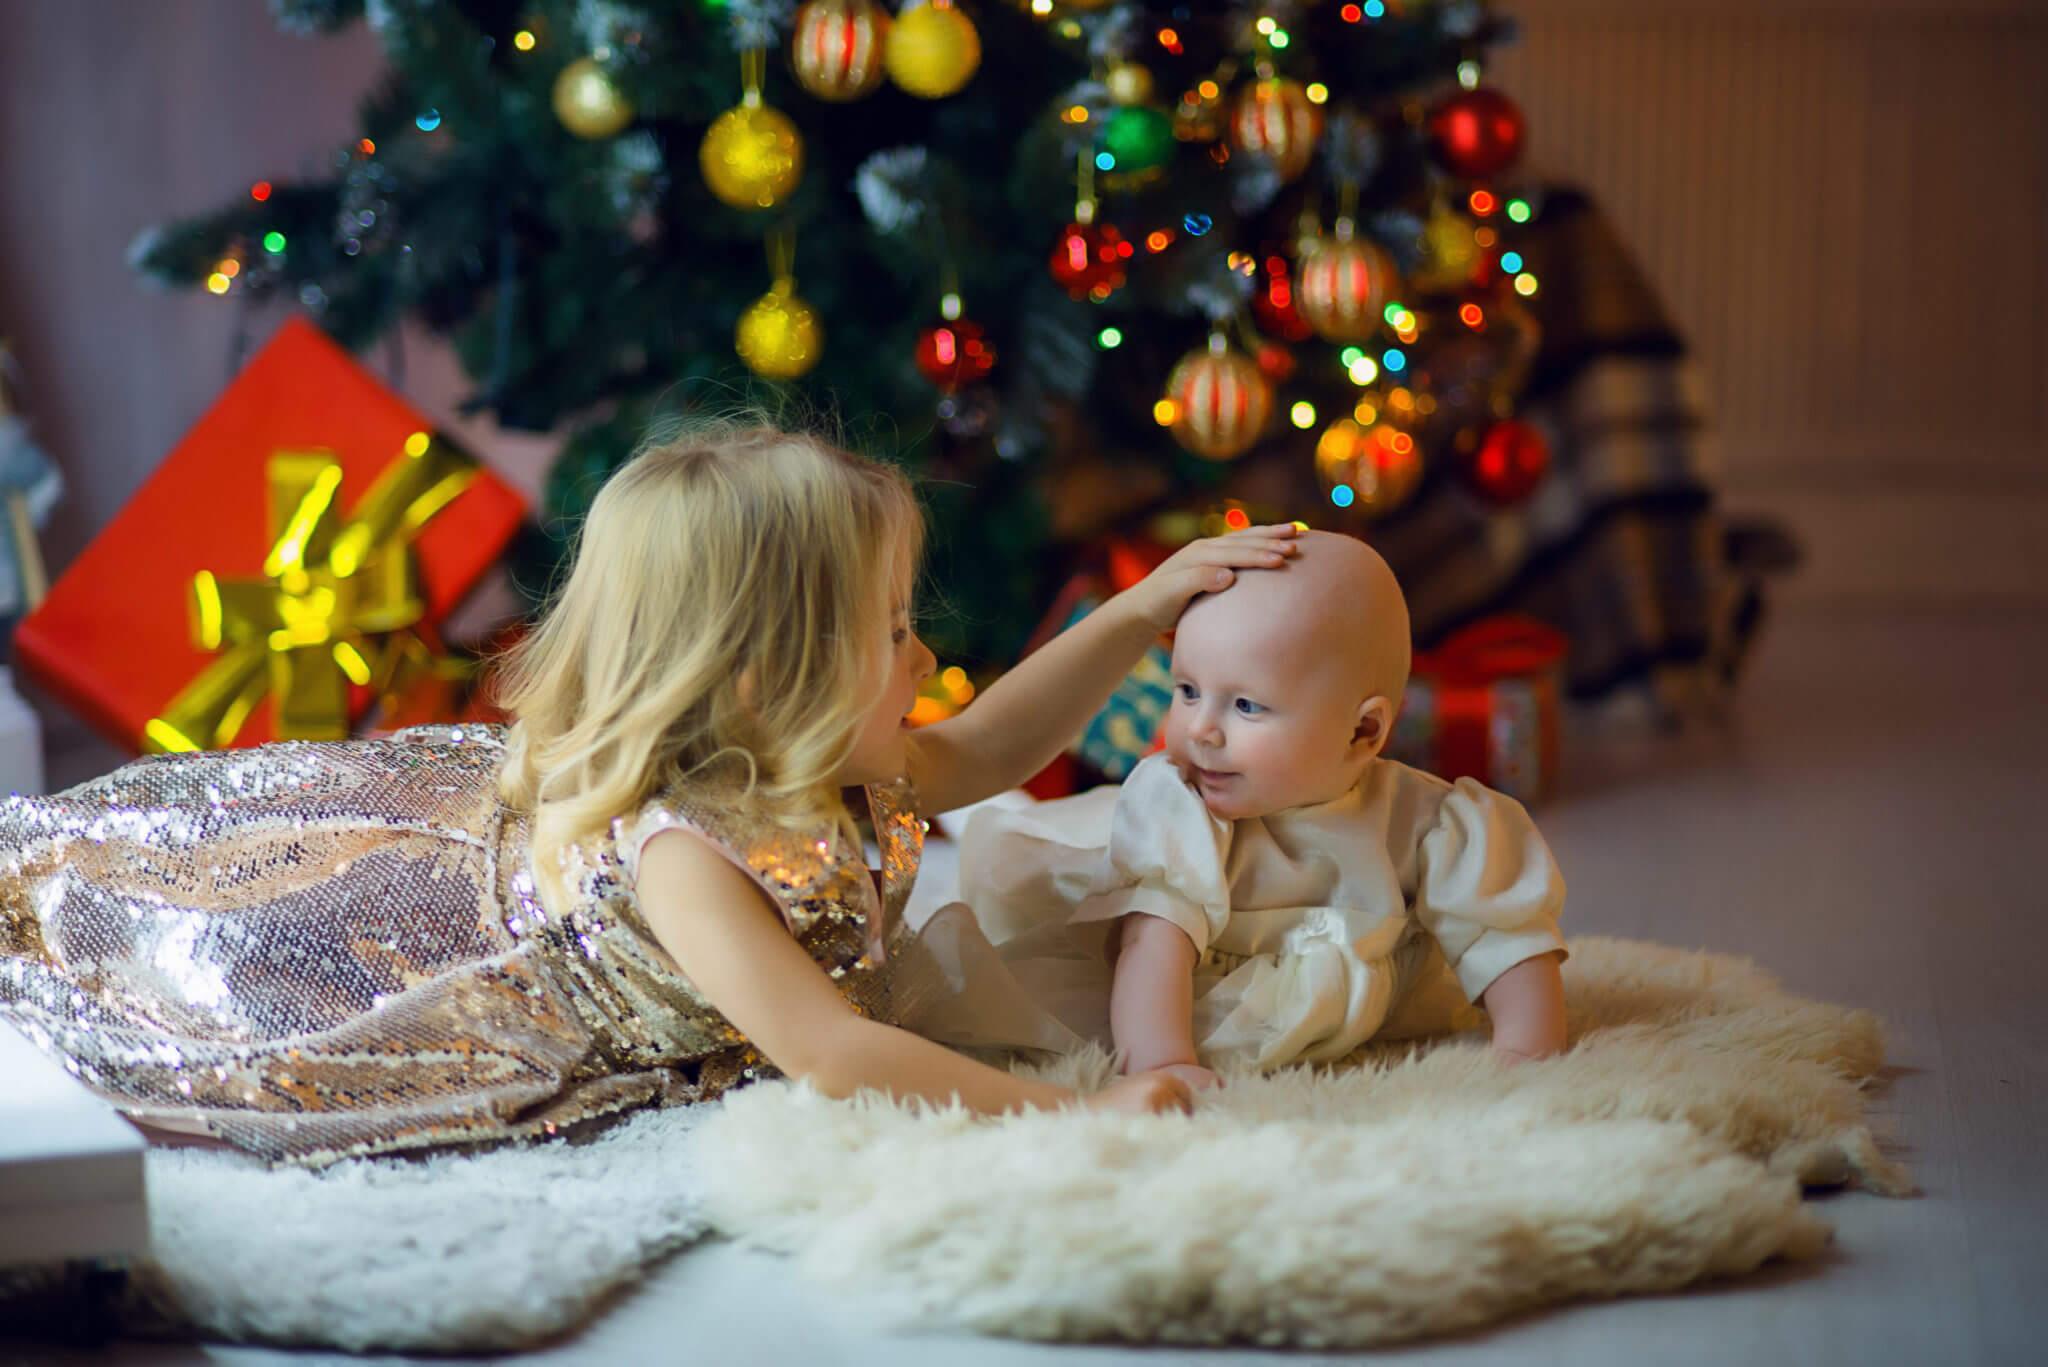 Новогодняя фотосессия, 2 ребенка на ковре на фоне новогодней елки